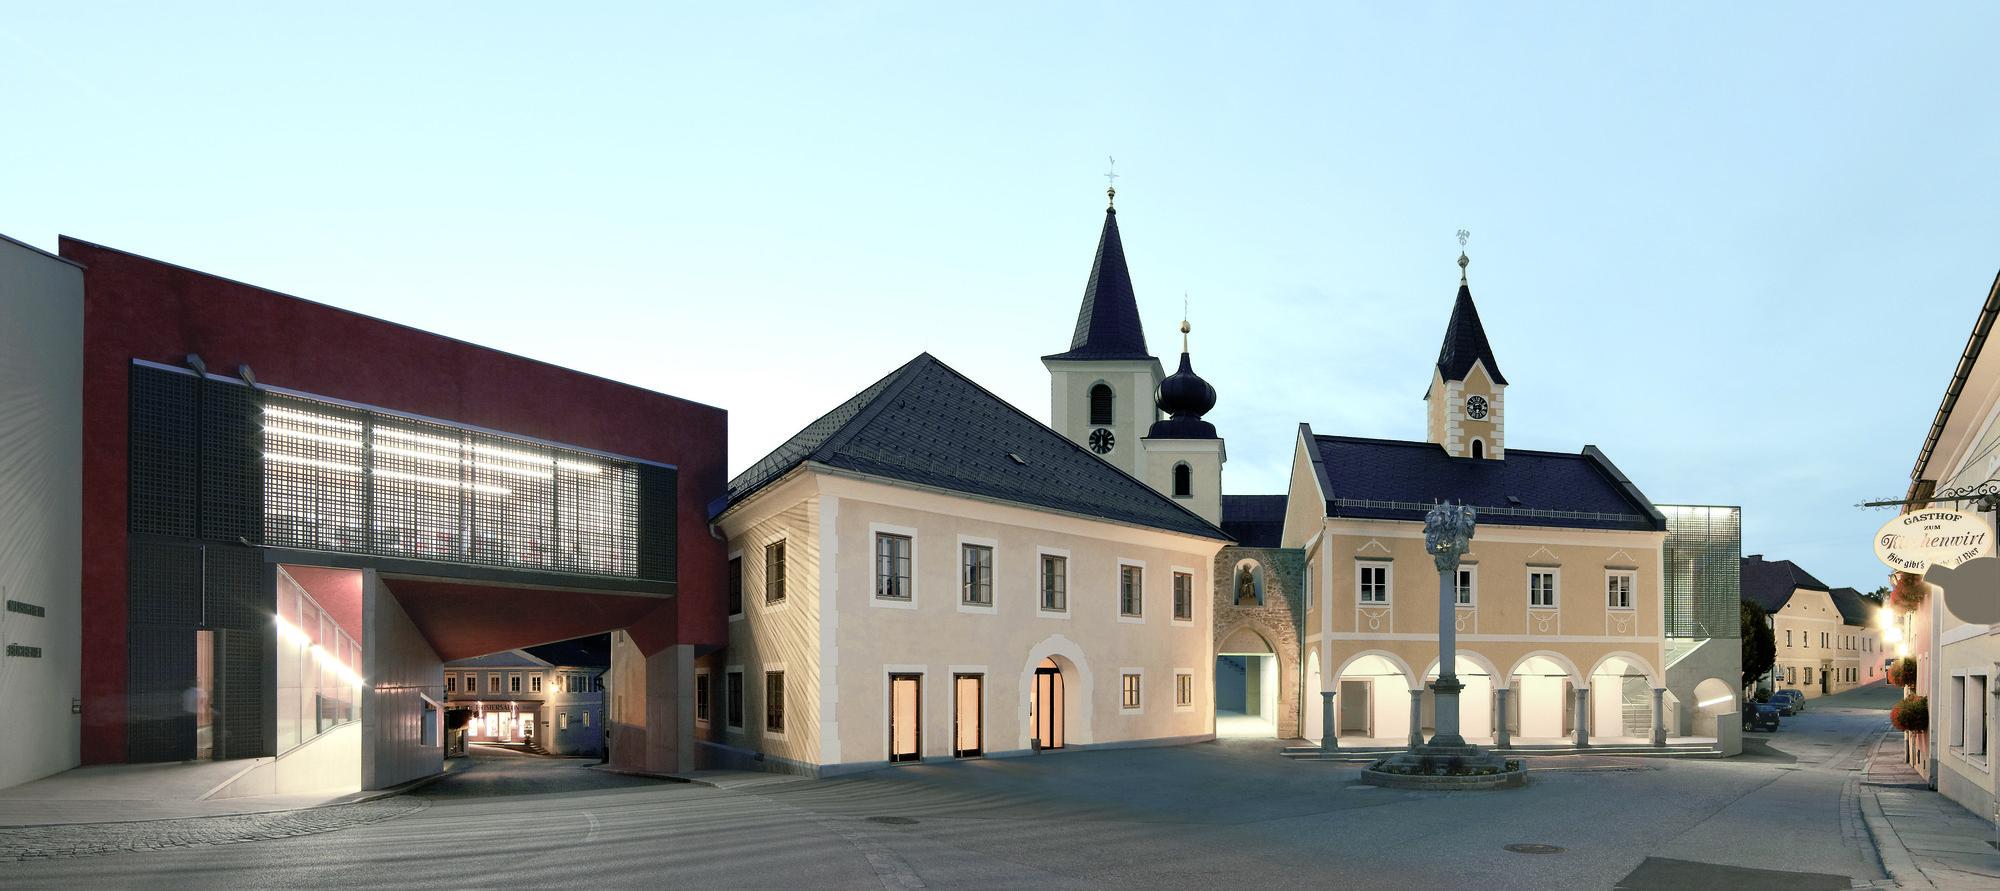 Town Centre Sarleinsbach / Heidl Architekten, © Josef Andraschko